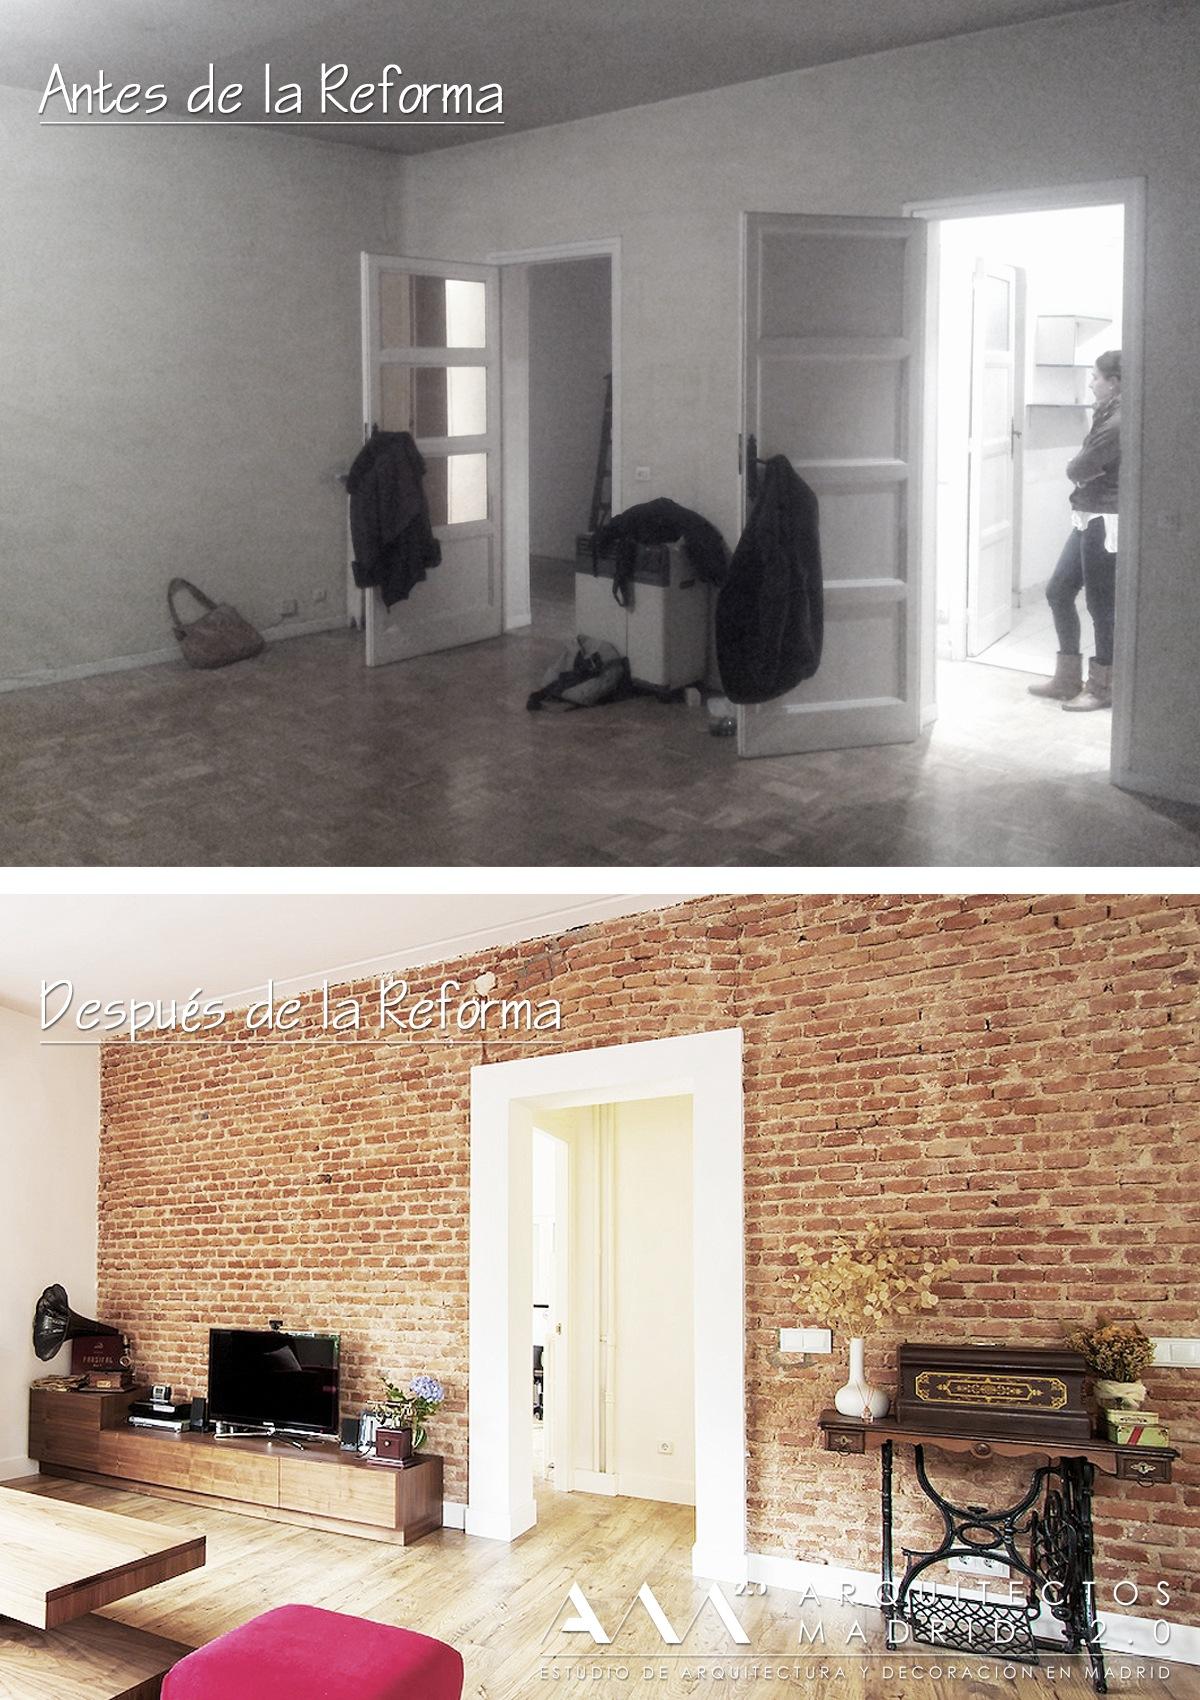 reformas-viviendas-ideas-antes-despues-pisos-casas-obras-14